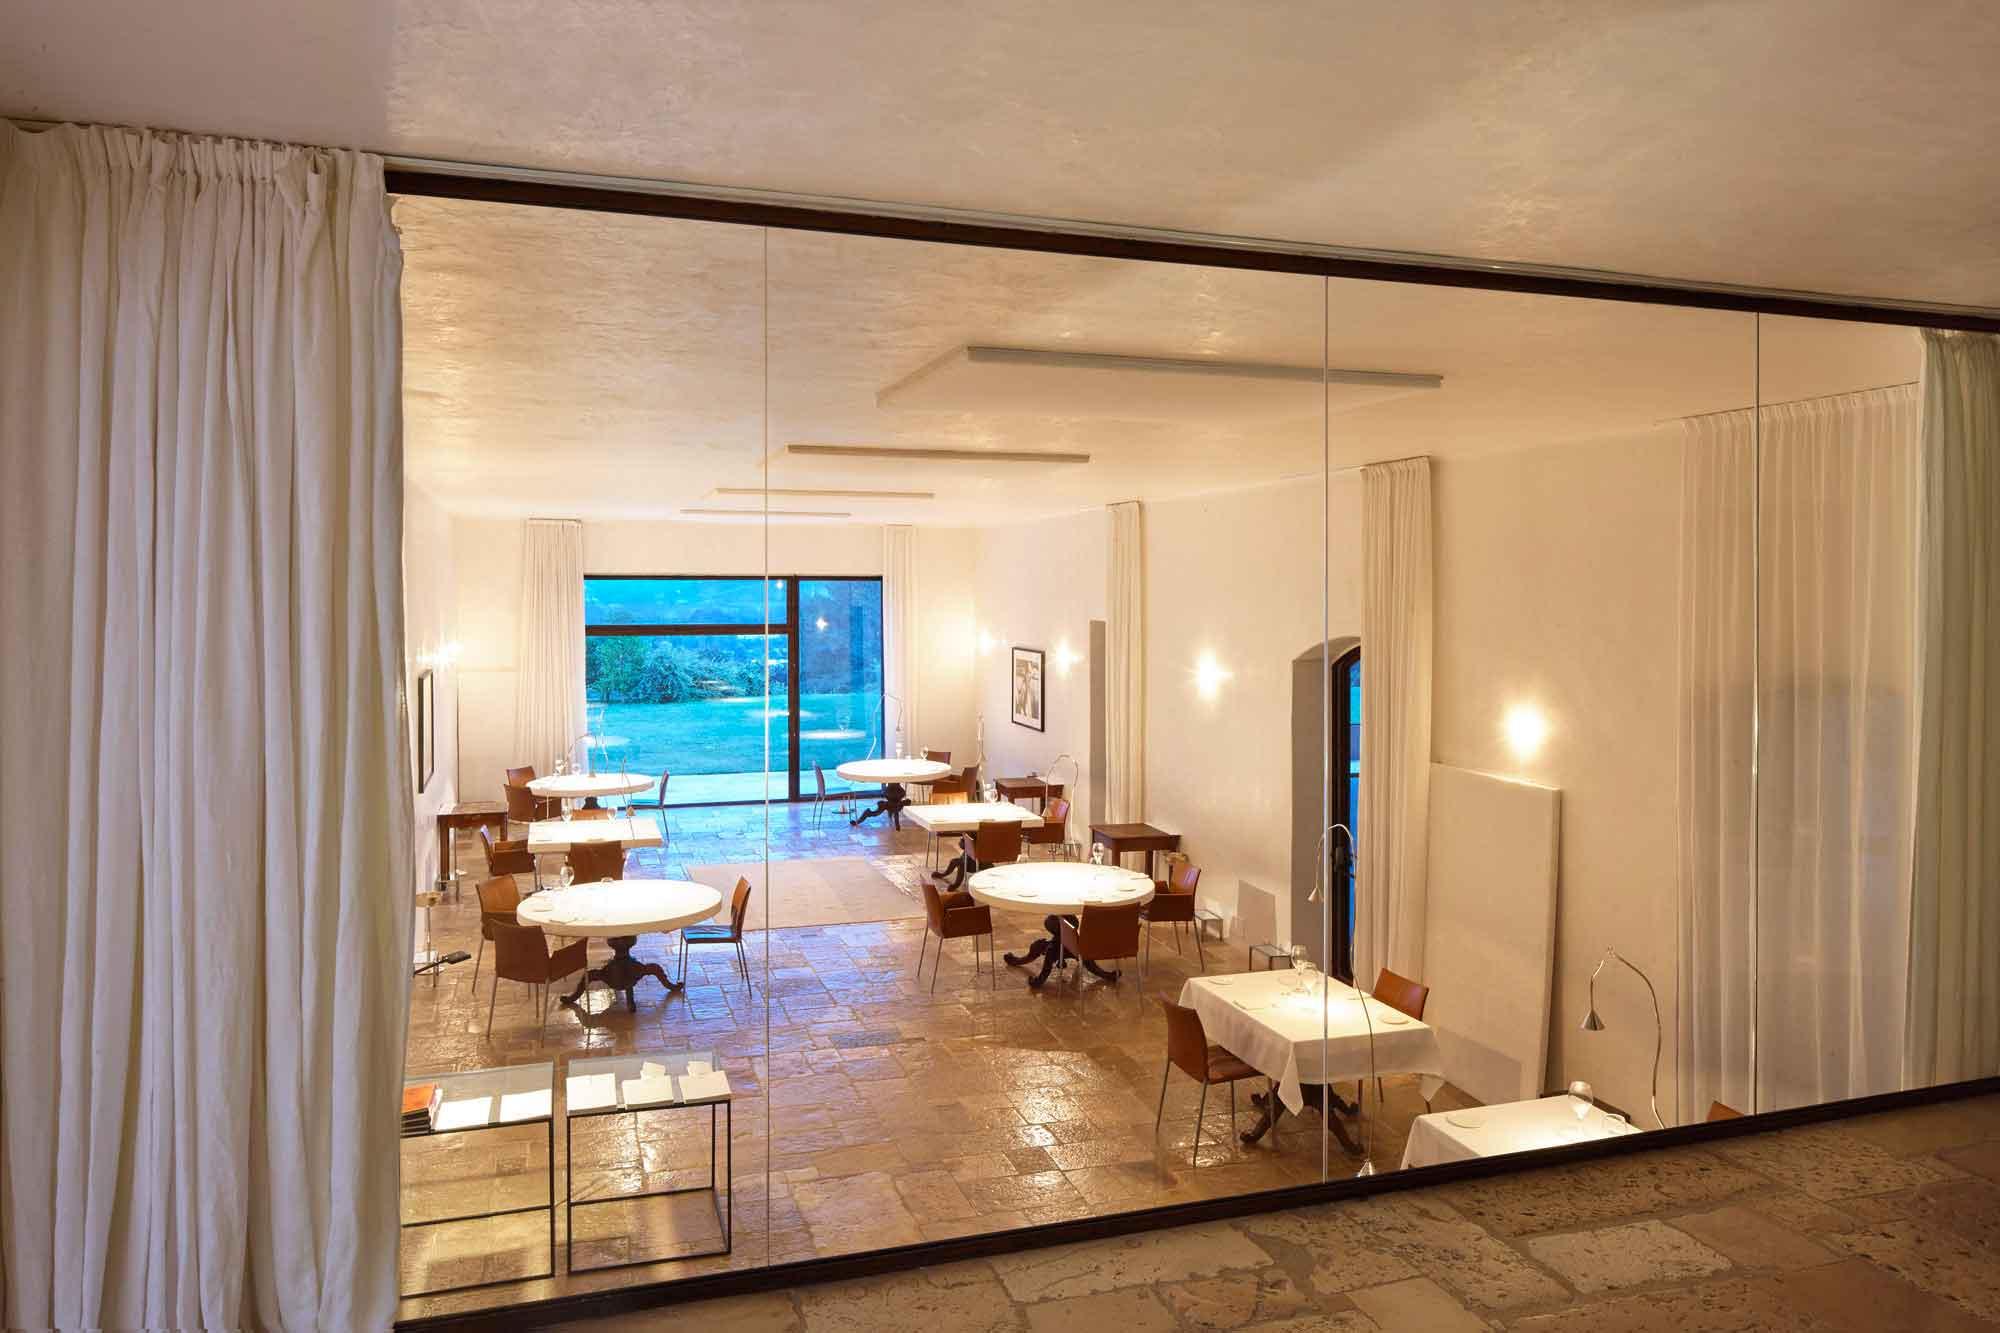 ristorante-reale-niko-romito